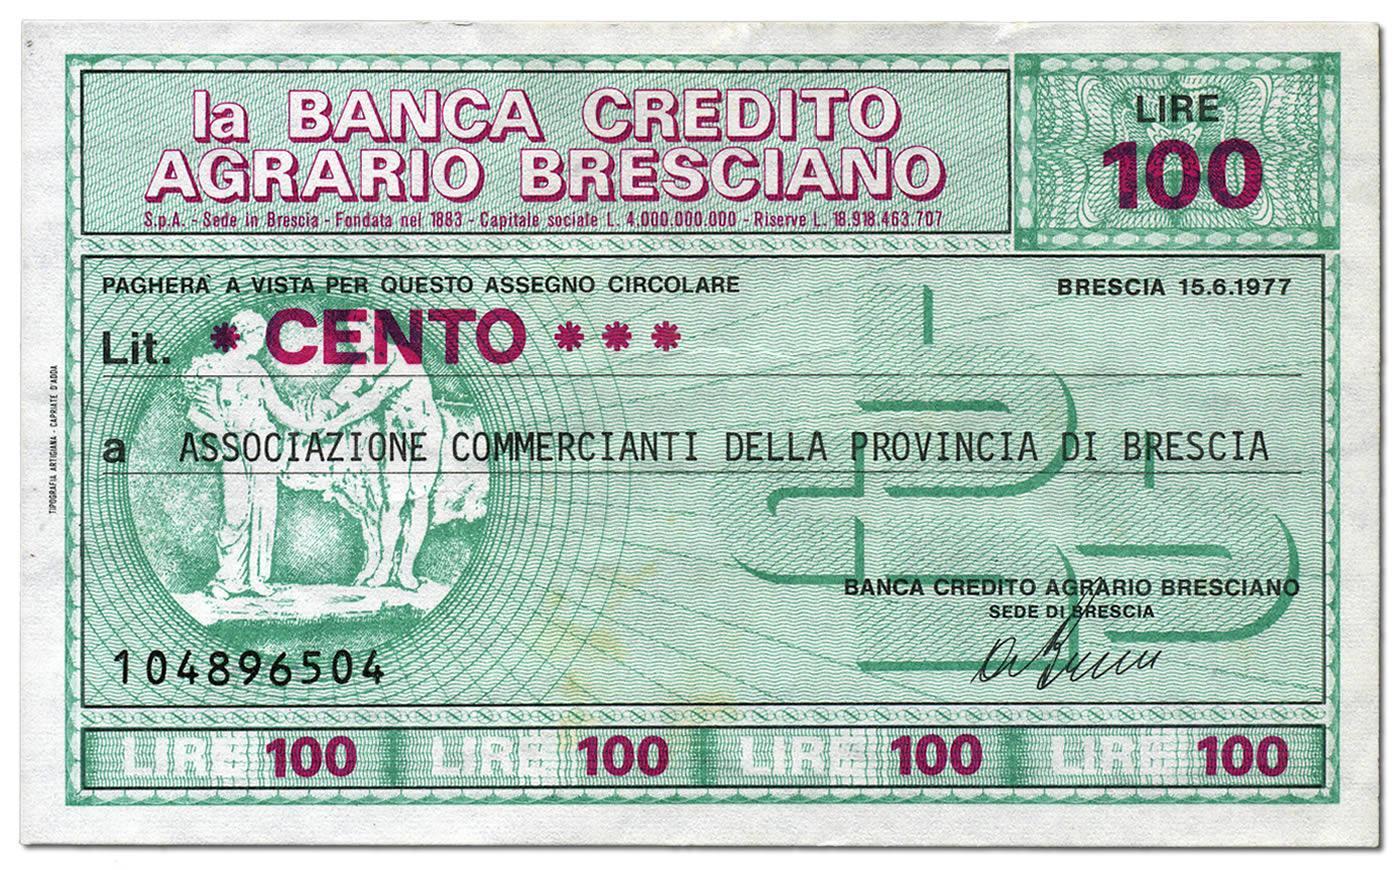 Miniassegno Credito Agrario Bresicano 100 lire